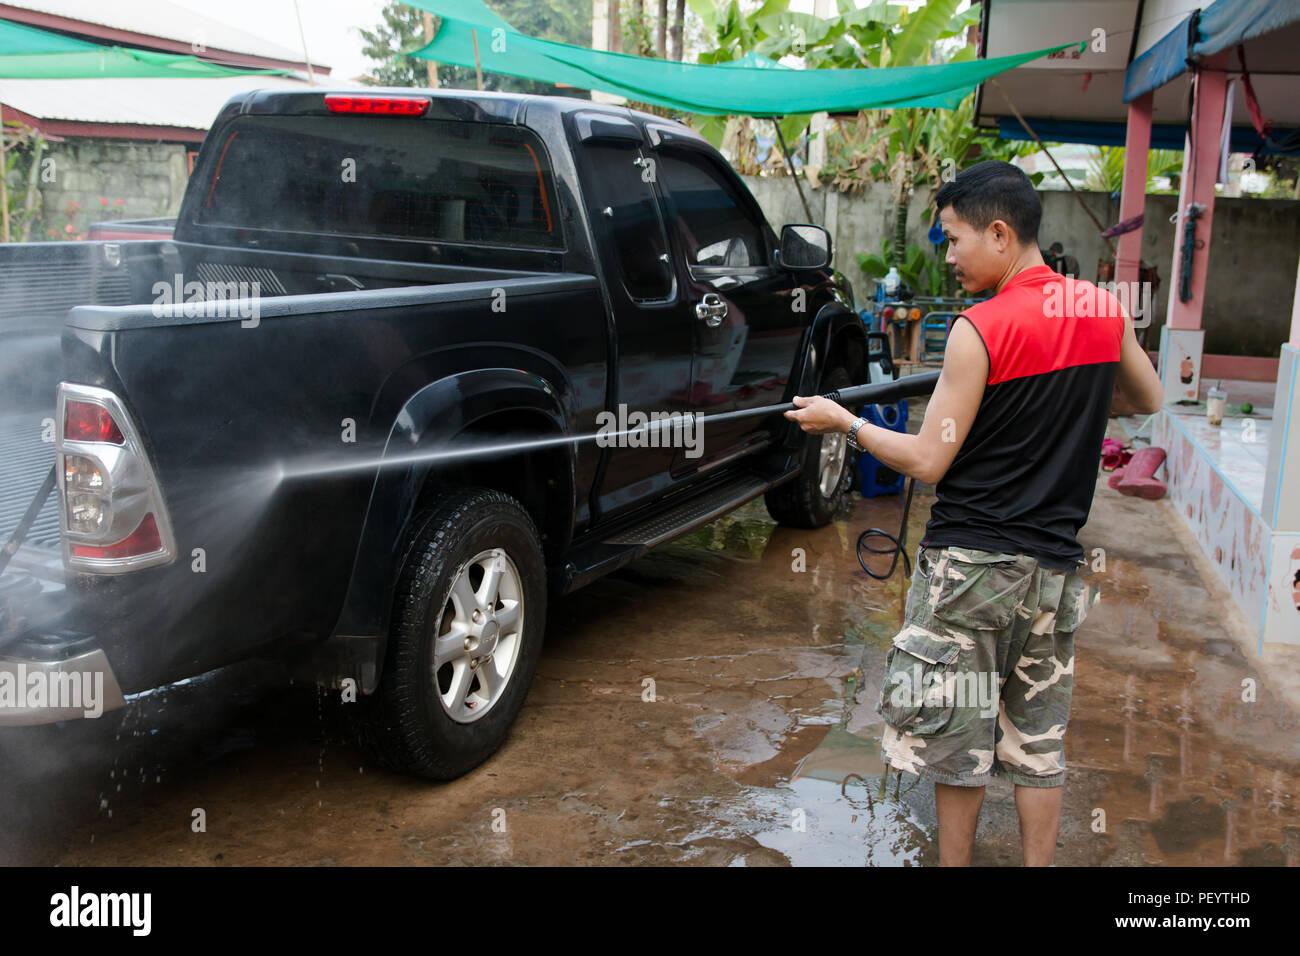 l 39 homme noir lavage voiture camionnette avec nettoyeur haute pression banque d 39 images photo. Black Bedroom Furniture Sets. Home Design Ideas